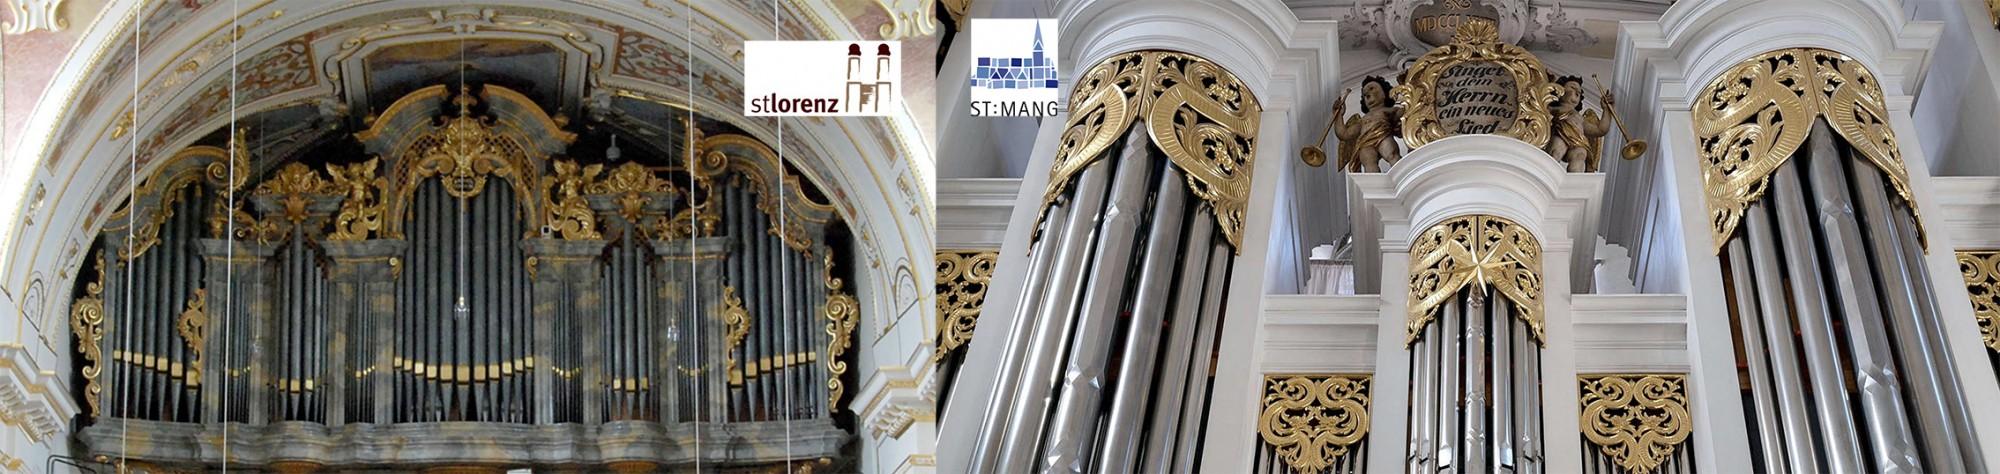 Orgeln St. Lorenz und St.-Mang-Kirche Kempten